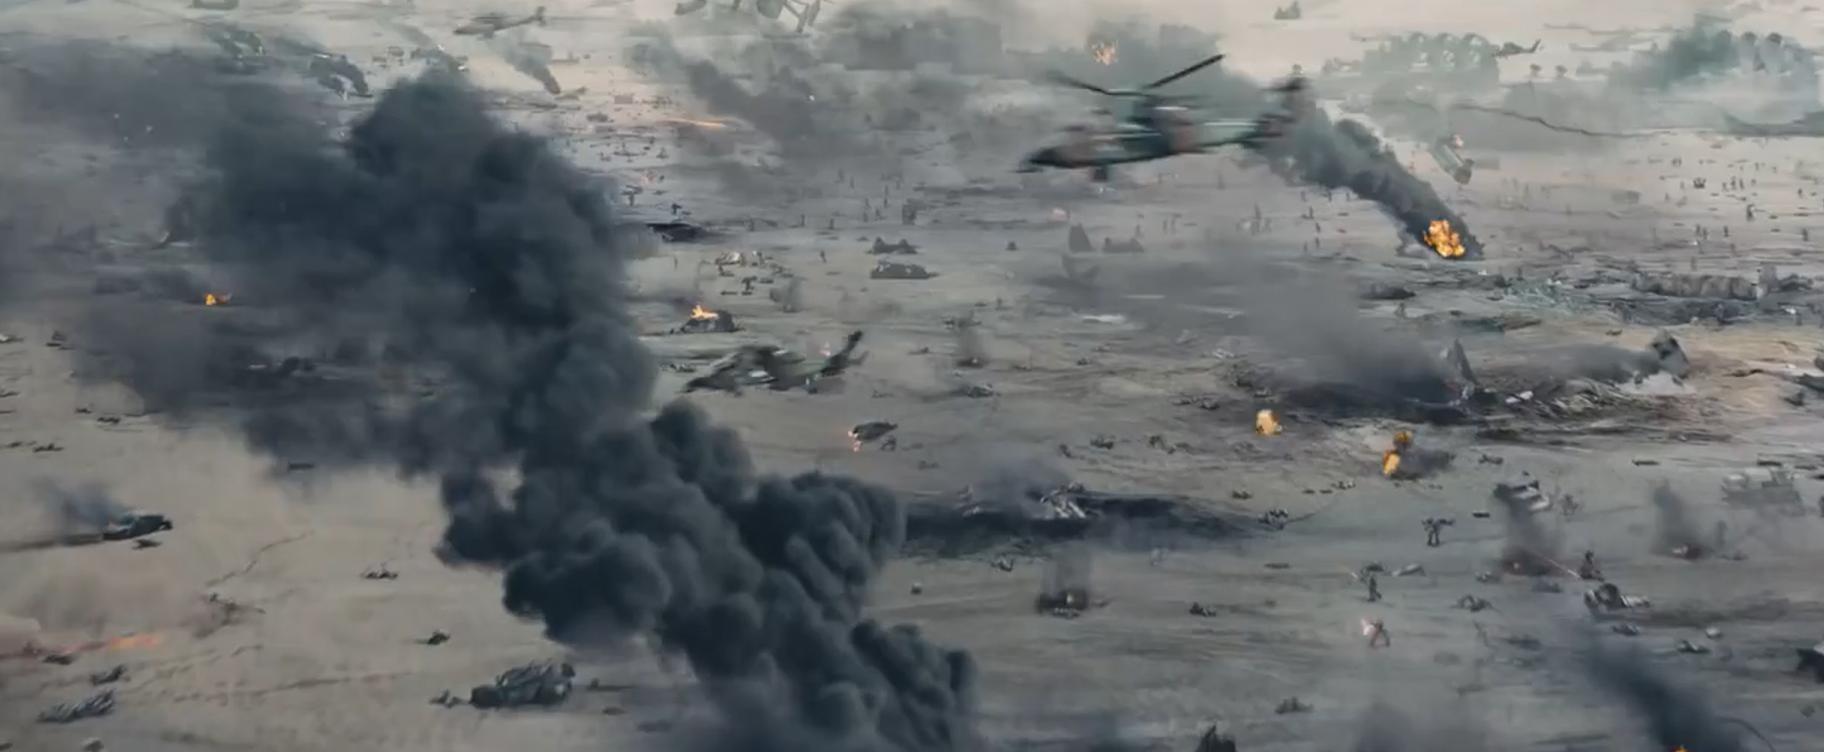 Review zu Edge of Tomorrow, einem Film über die katastrophale Entscheidungsschlacht einer Alien Invasion und einen Mann der mithilfe einer Zeitschleife versucht den Untergang der Menschheit abzuwenden - http://www.jack-reviews.com/2014/06/edge-of-tomorrow-review.html